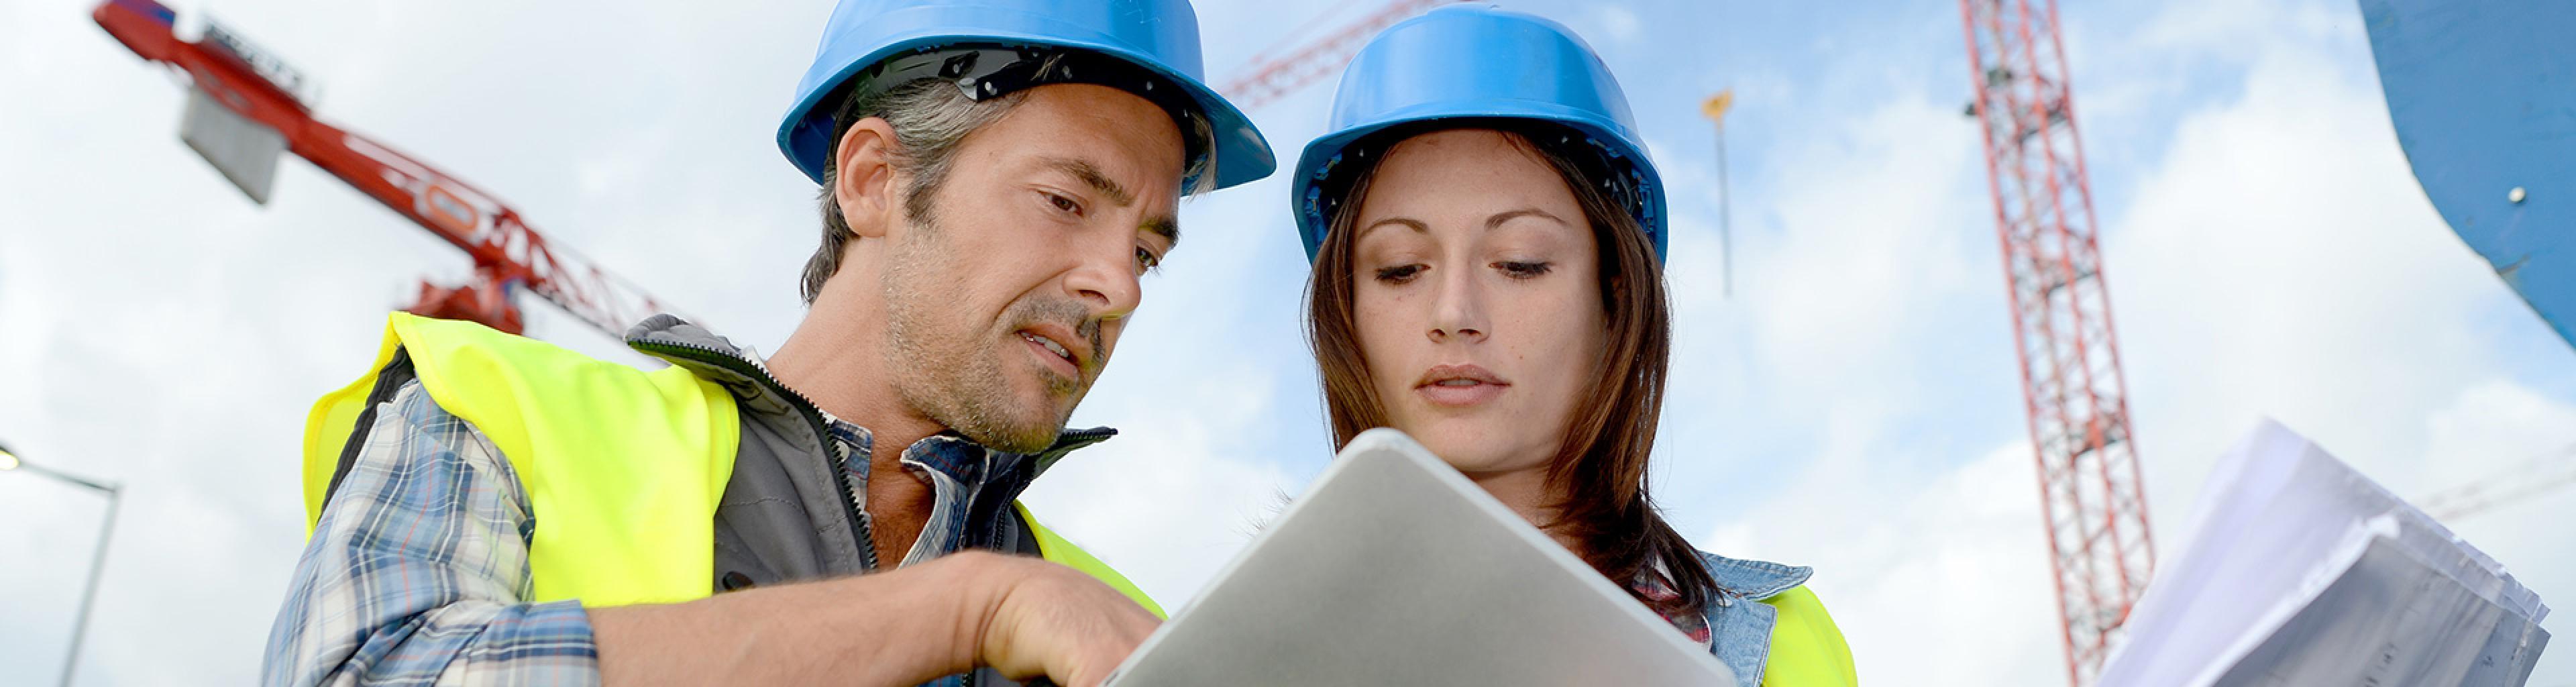 firma-constructie-bucuresti